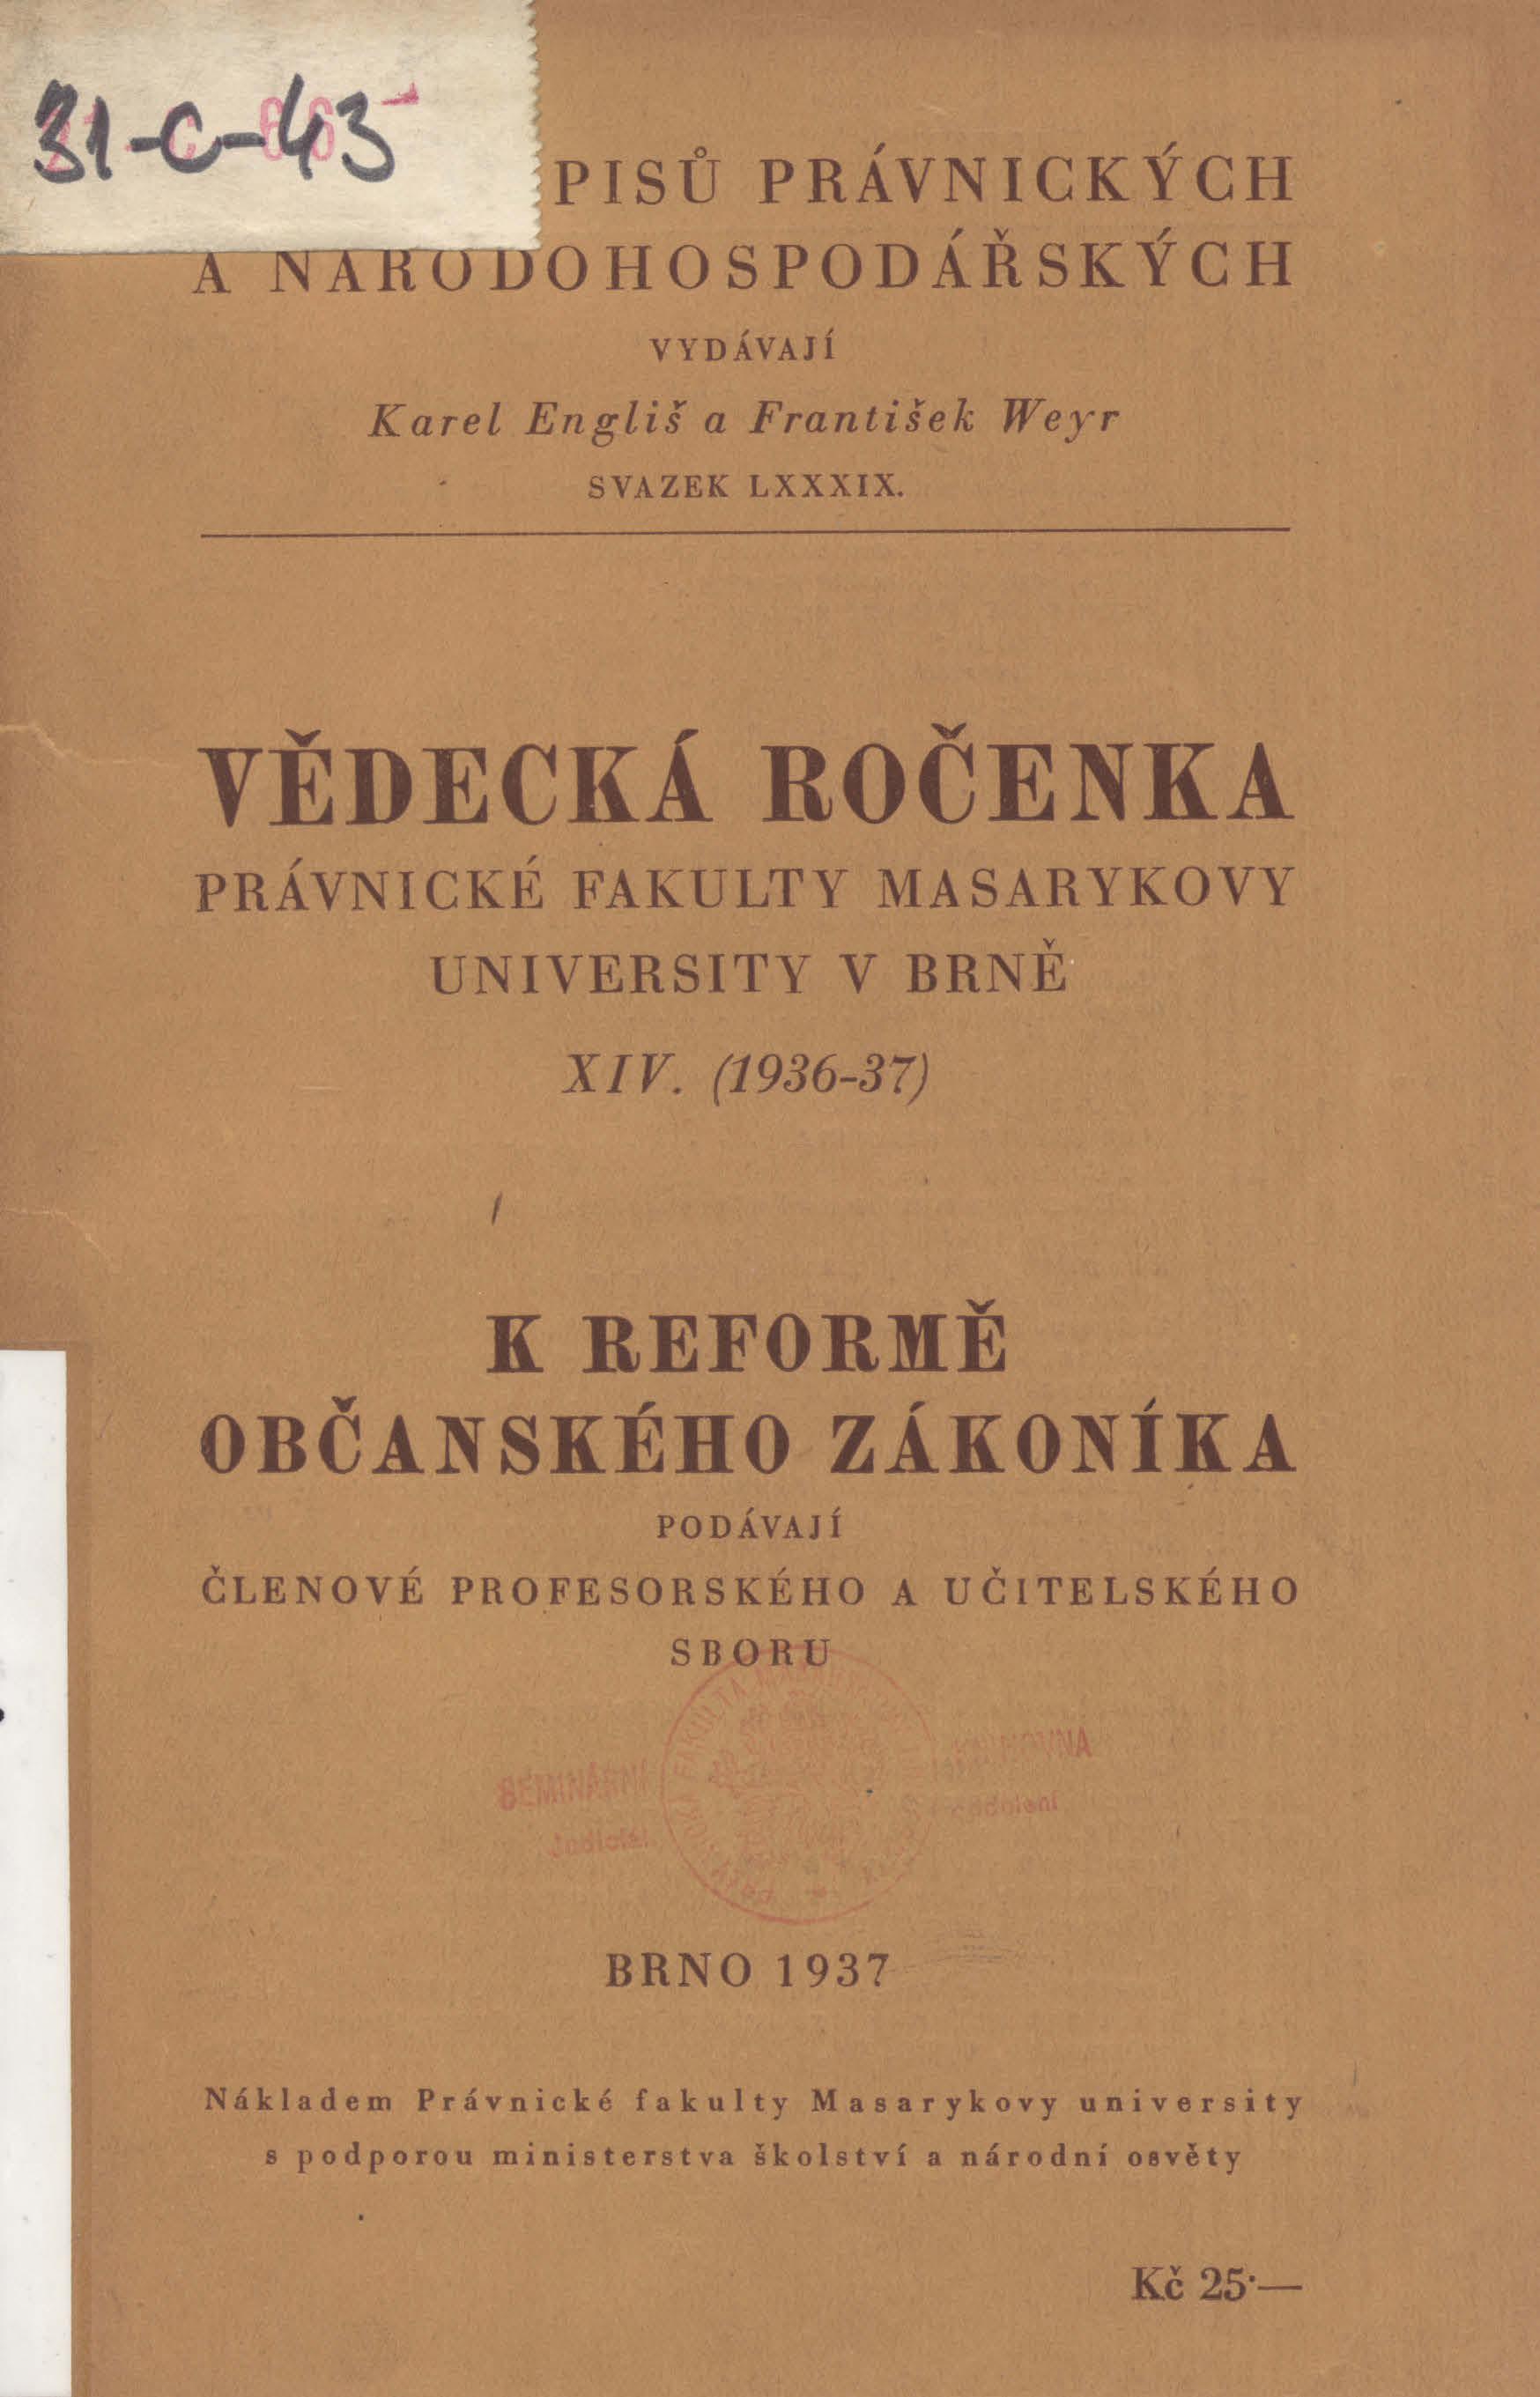 Obálka pro Vědecká ročenka právnické fakulty Masarykovy university v Brně. 14 (1936-37), K reformě občanského zákoníka